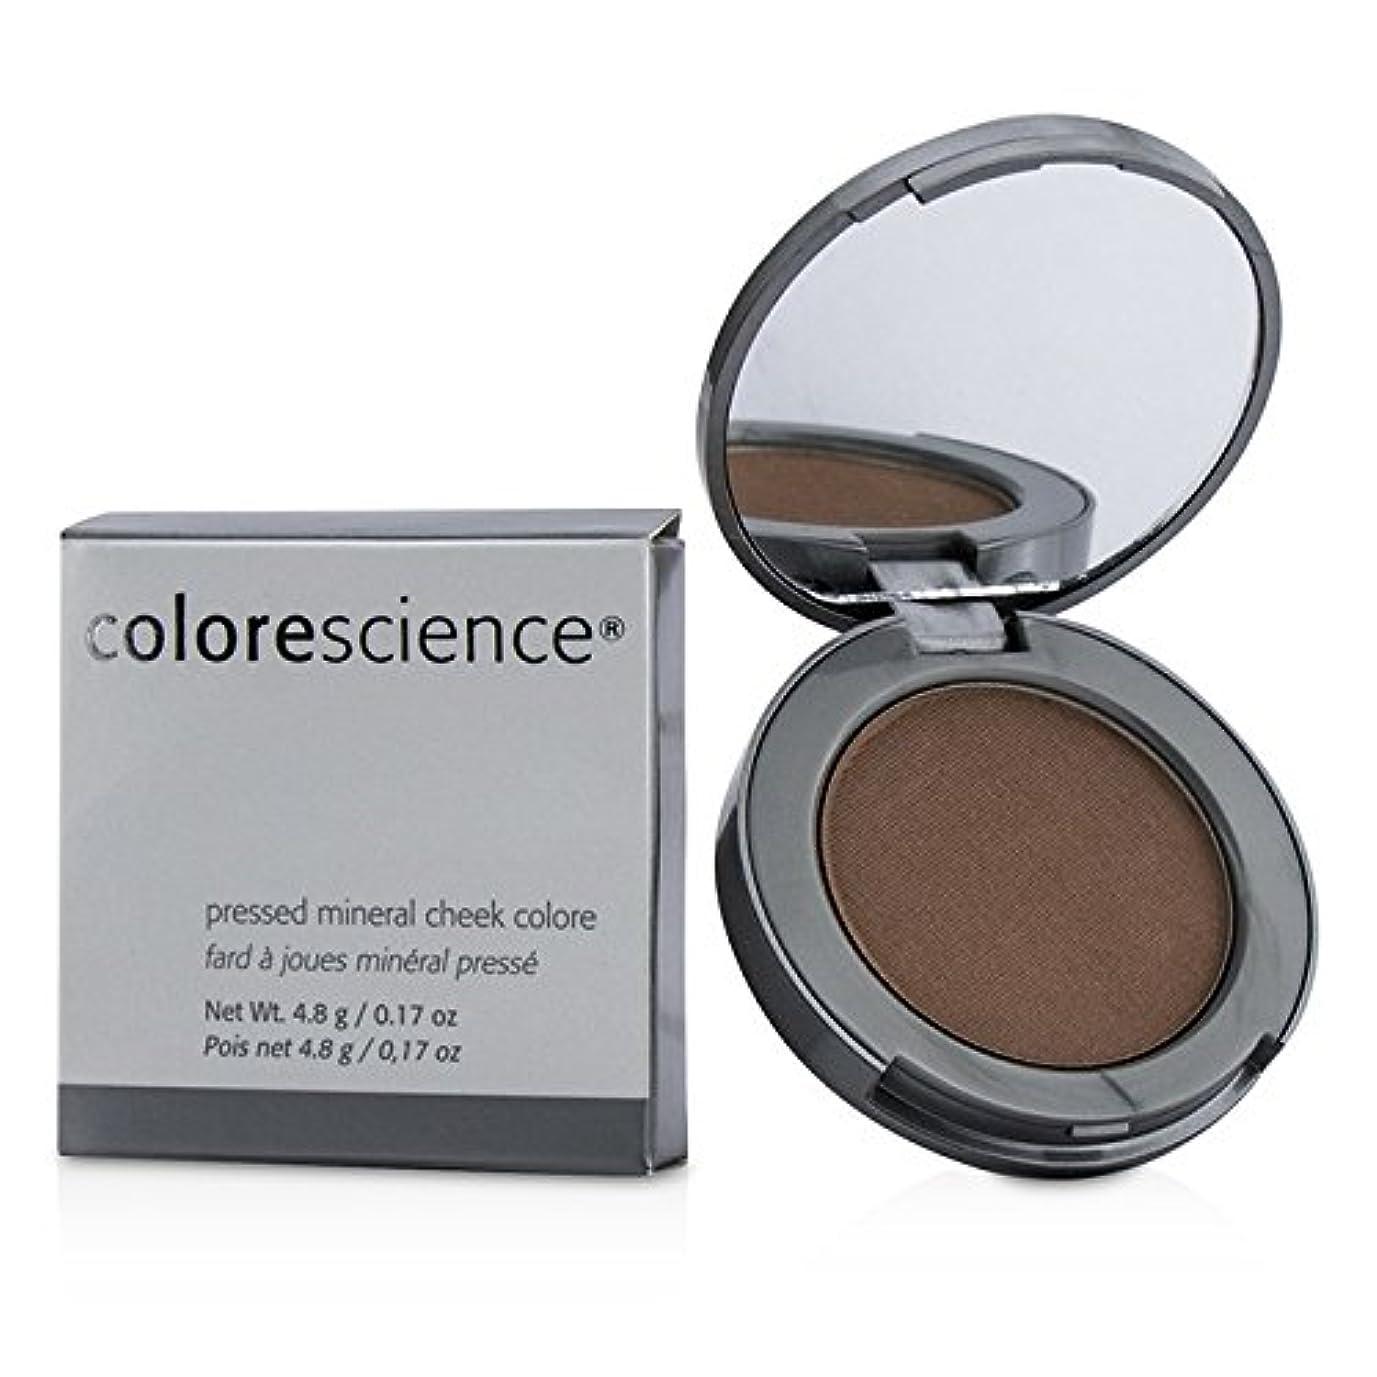 申請者同情的十分カラーサイエンス Pressed Mineral Cheek Colore - Adobe 4.8g/0.17oz並行輸入品